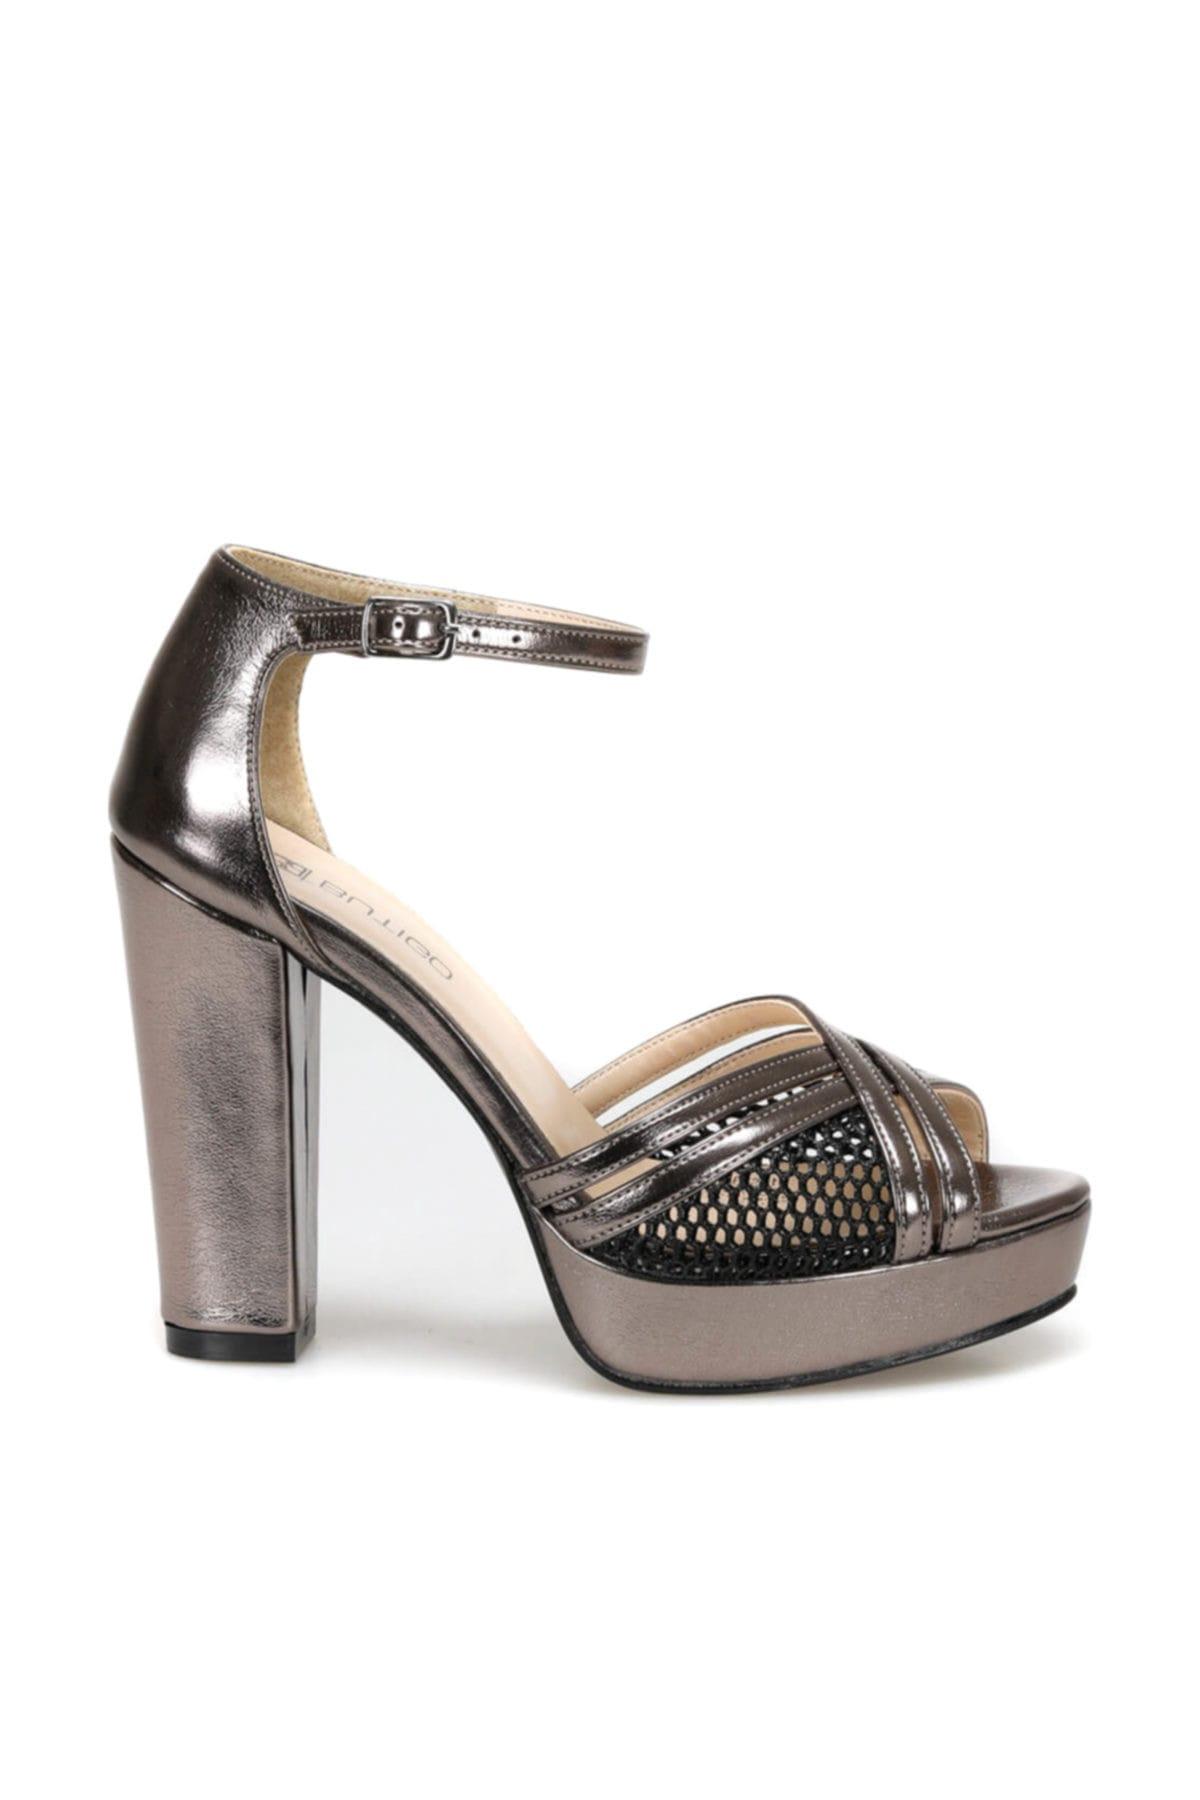 Butigo 19s-368 Antrasit Kadın Topuklu Ayakkabı 100371268 2